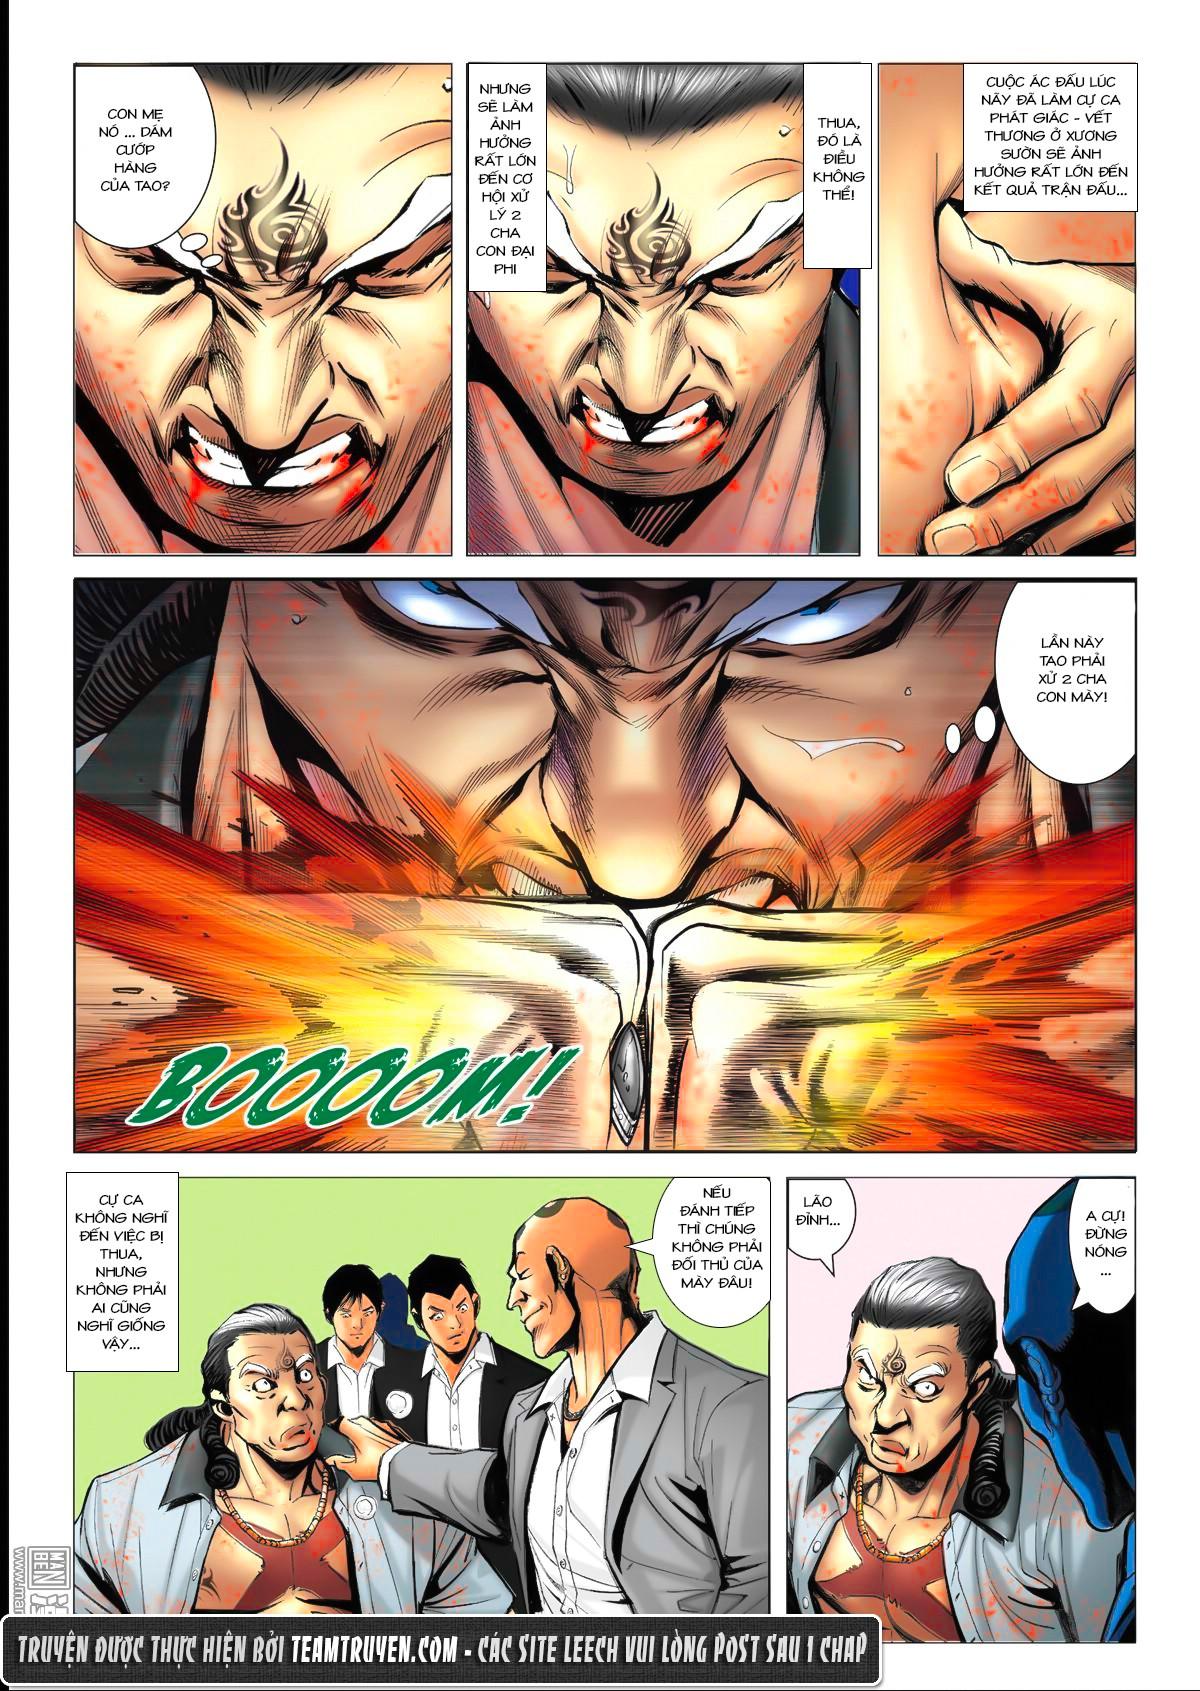 Người Trong Giang Hồ NetTruyen chap 1554 - Trang 7